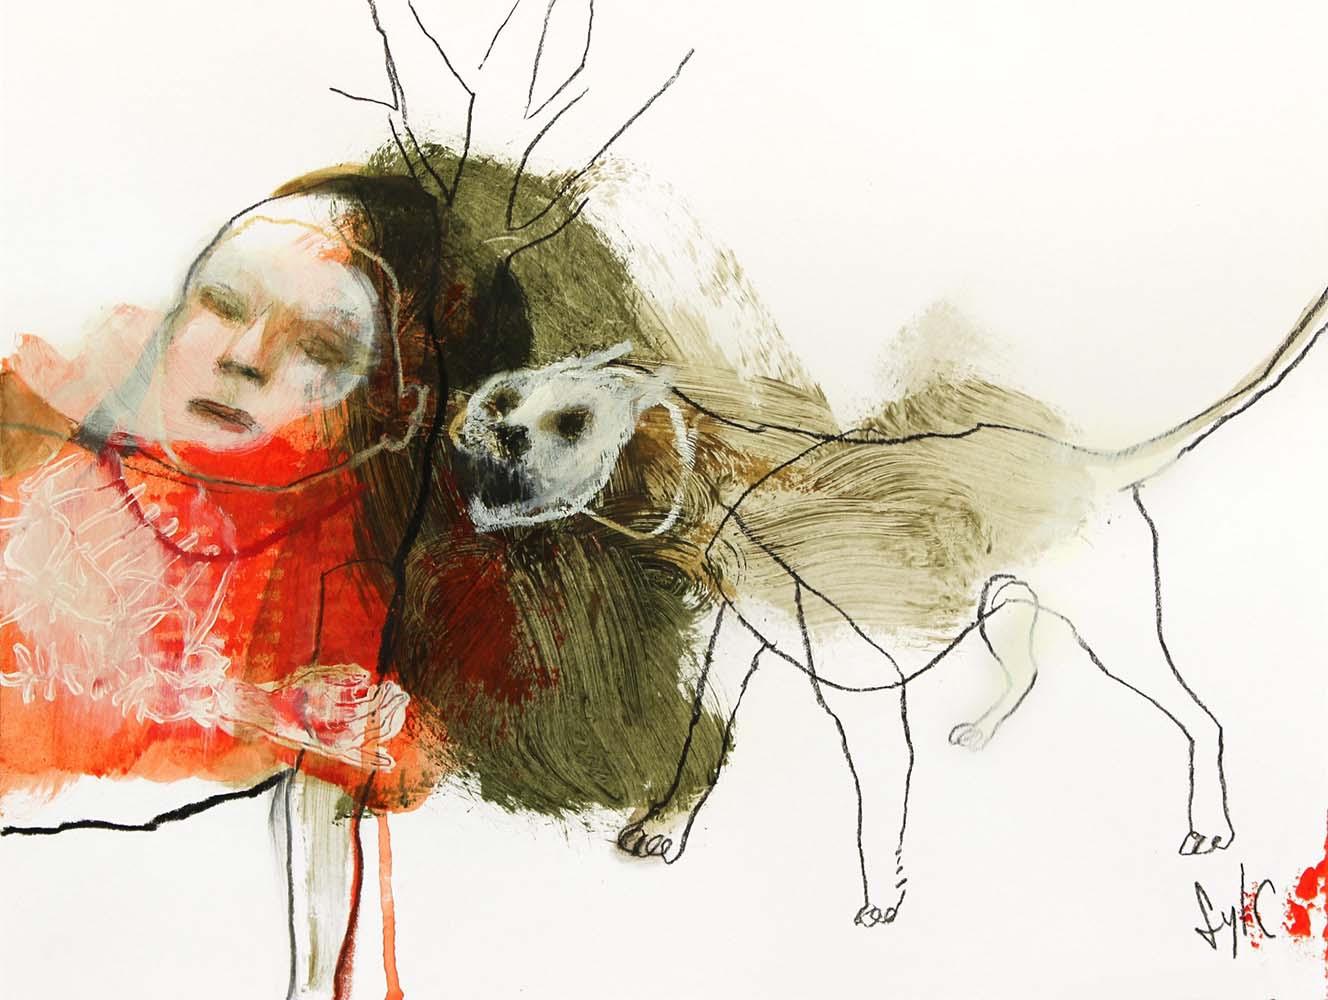 LA RONDE DES CHIENS FOUS #14, 2014 - Fusain, acrylique & pastel gras sur papier, 30x40cm